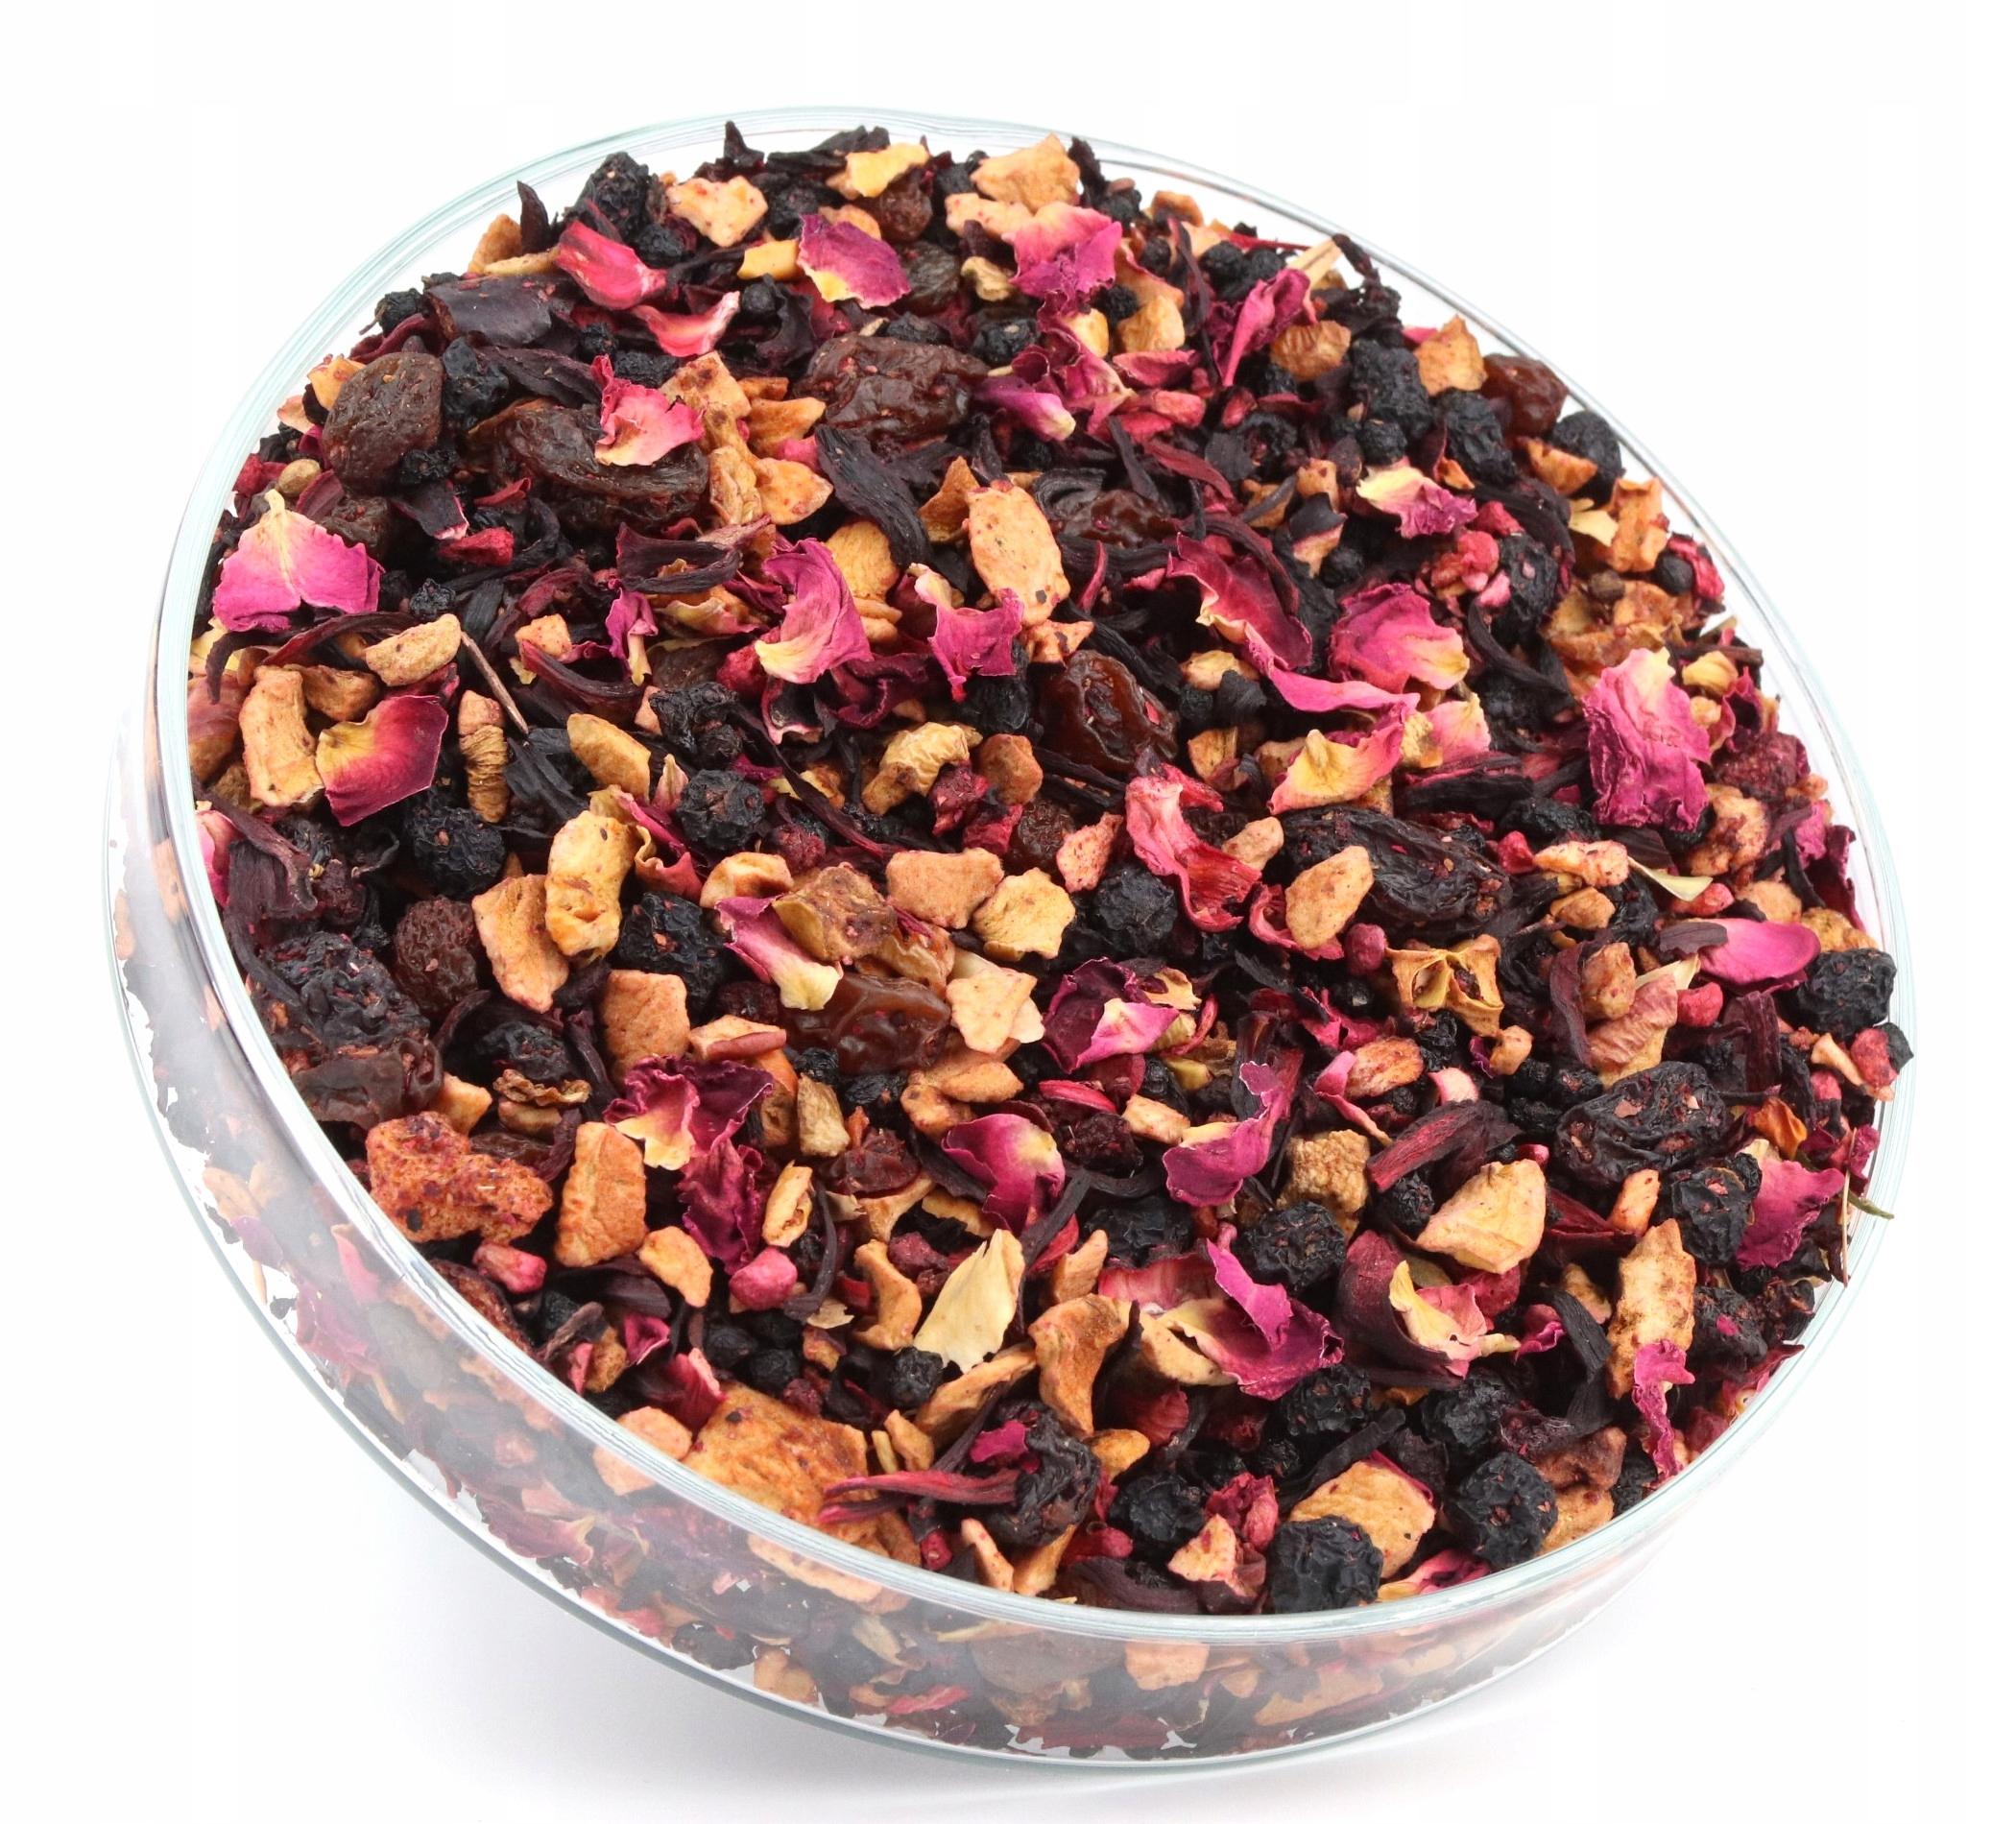 LAND OF GENTLENESS, фруктовый чай, отличный вкус 50г